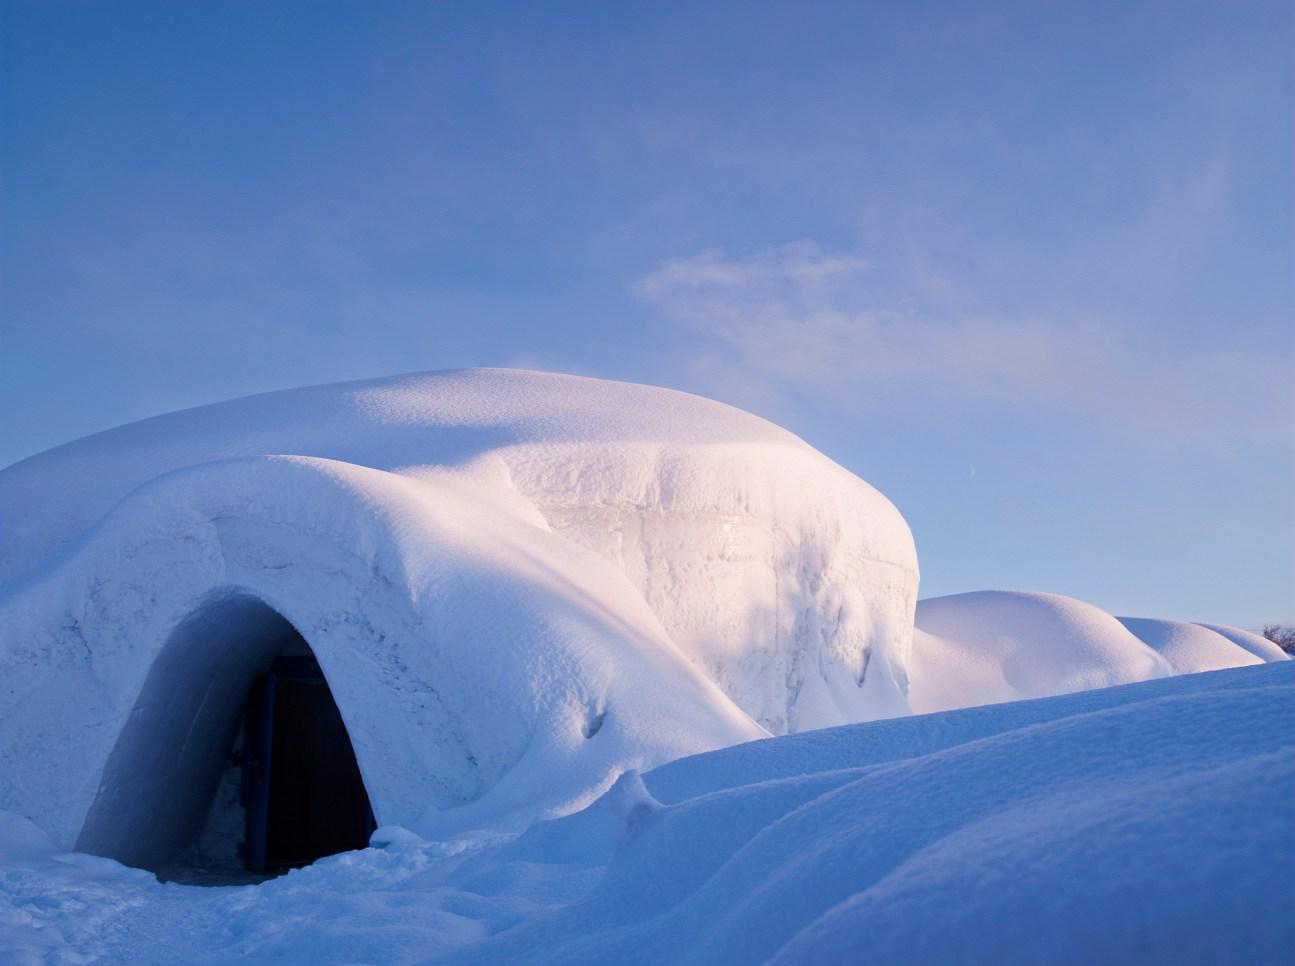 A kirkenesi jéghotel (hóhotel) bejárata